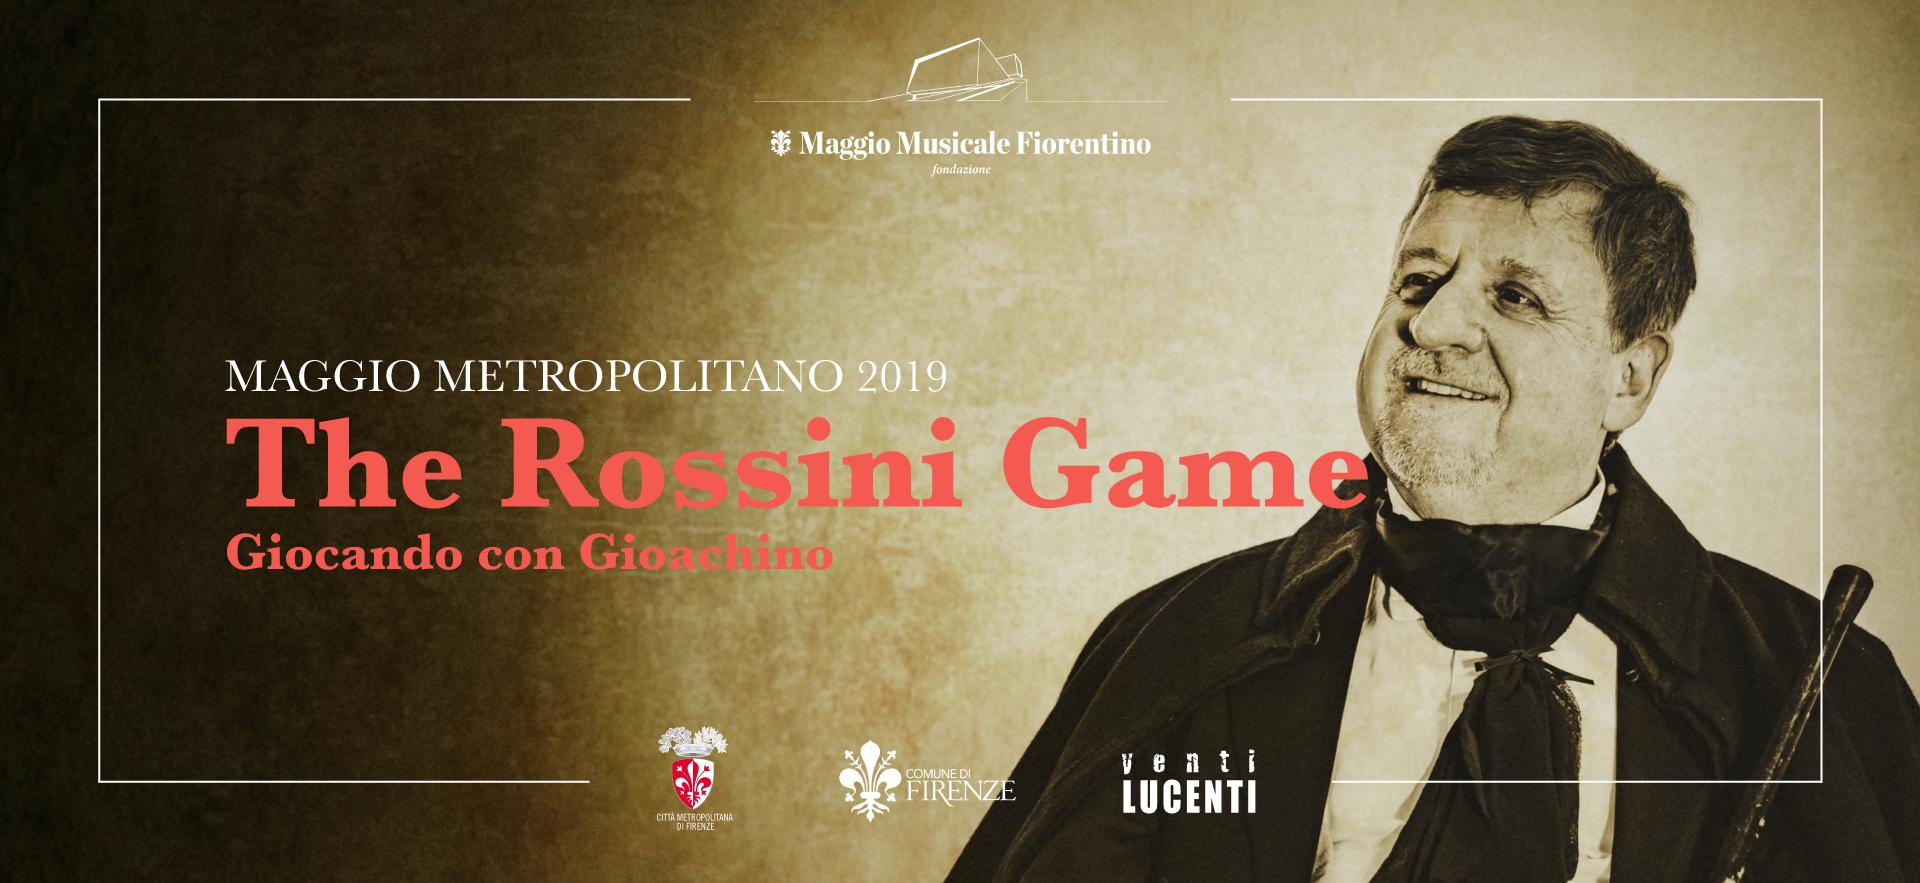 The Rossini Game 2019 Maggio Metropolitano